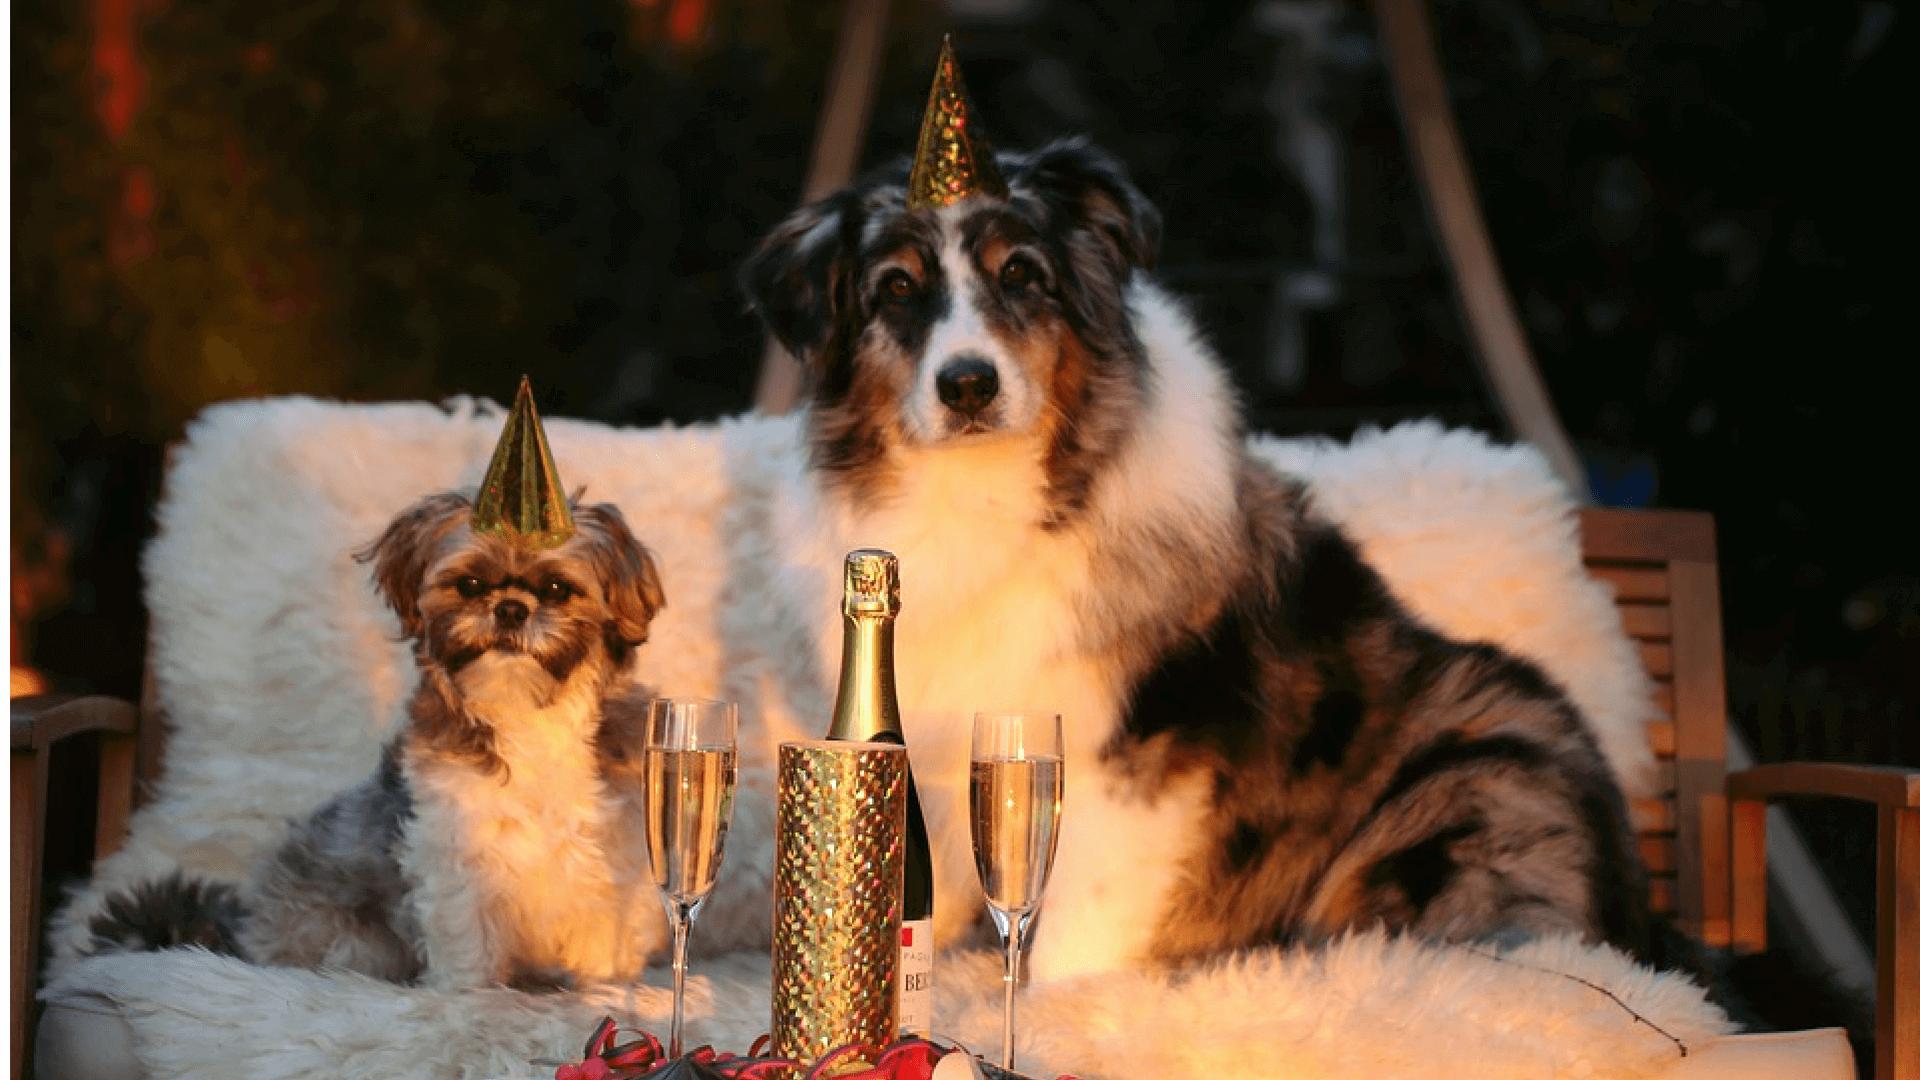 Wir definieren unsere Neujahrsvorsätze um unsere Kunden glücklich zu machen